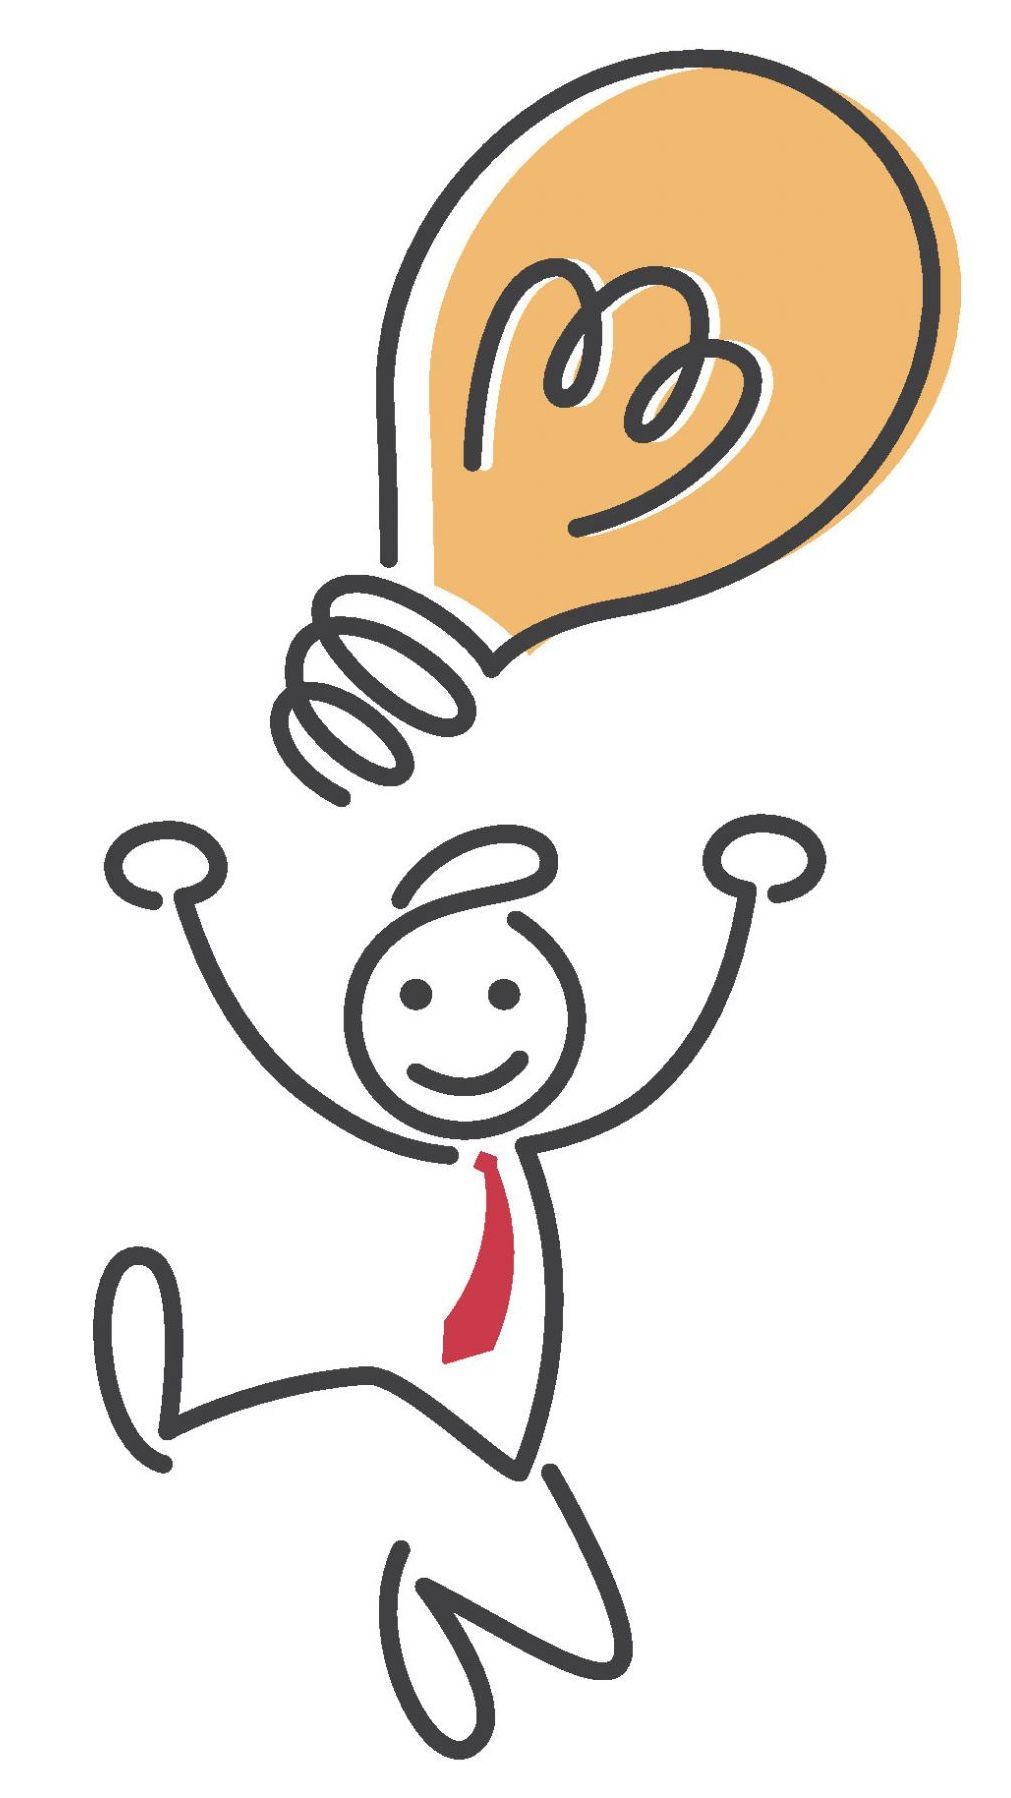 Zeichnung einer Strichmännchenfigur mit hochgezogenen Mundwinkeln und angehobenen Armen. Über der Figur befindet sich eine große orangenfarbige Glühbirne